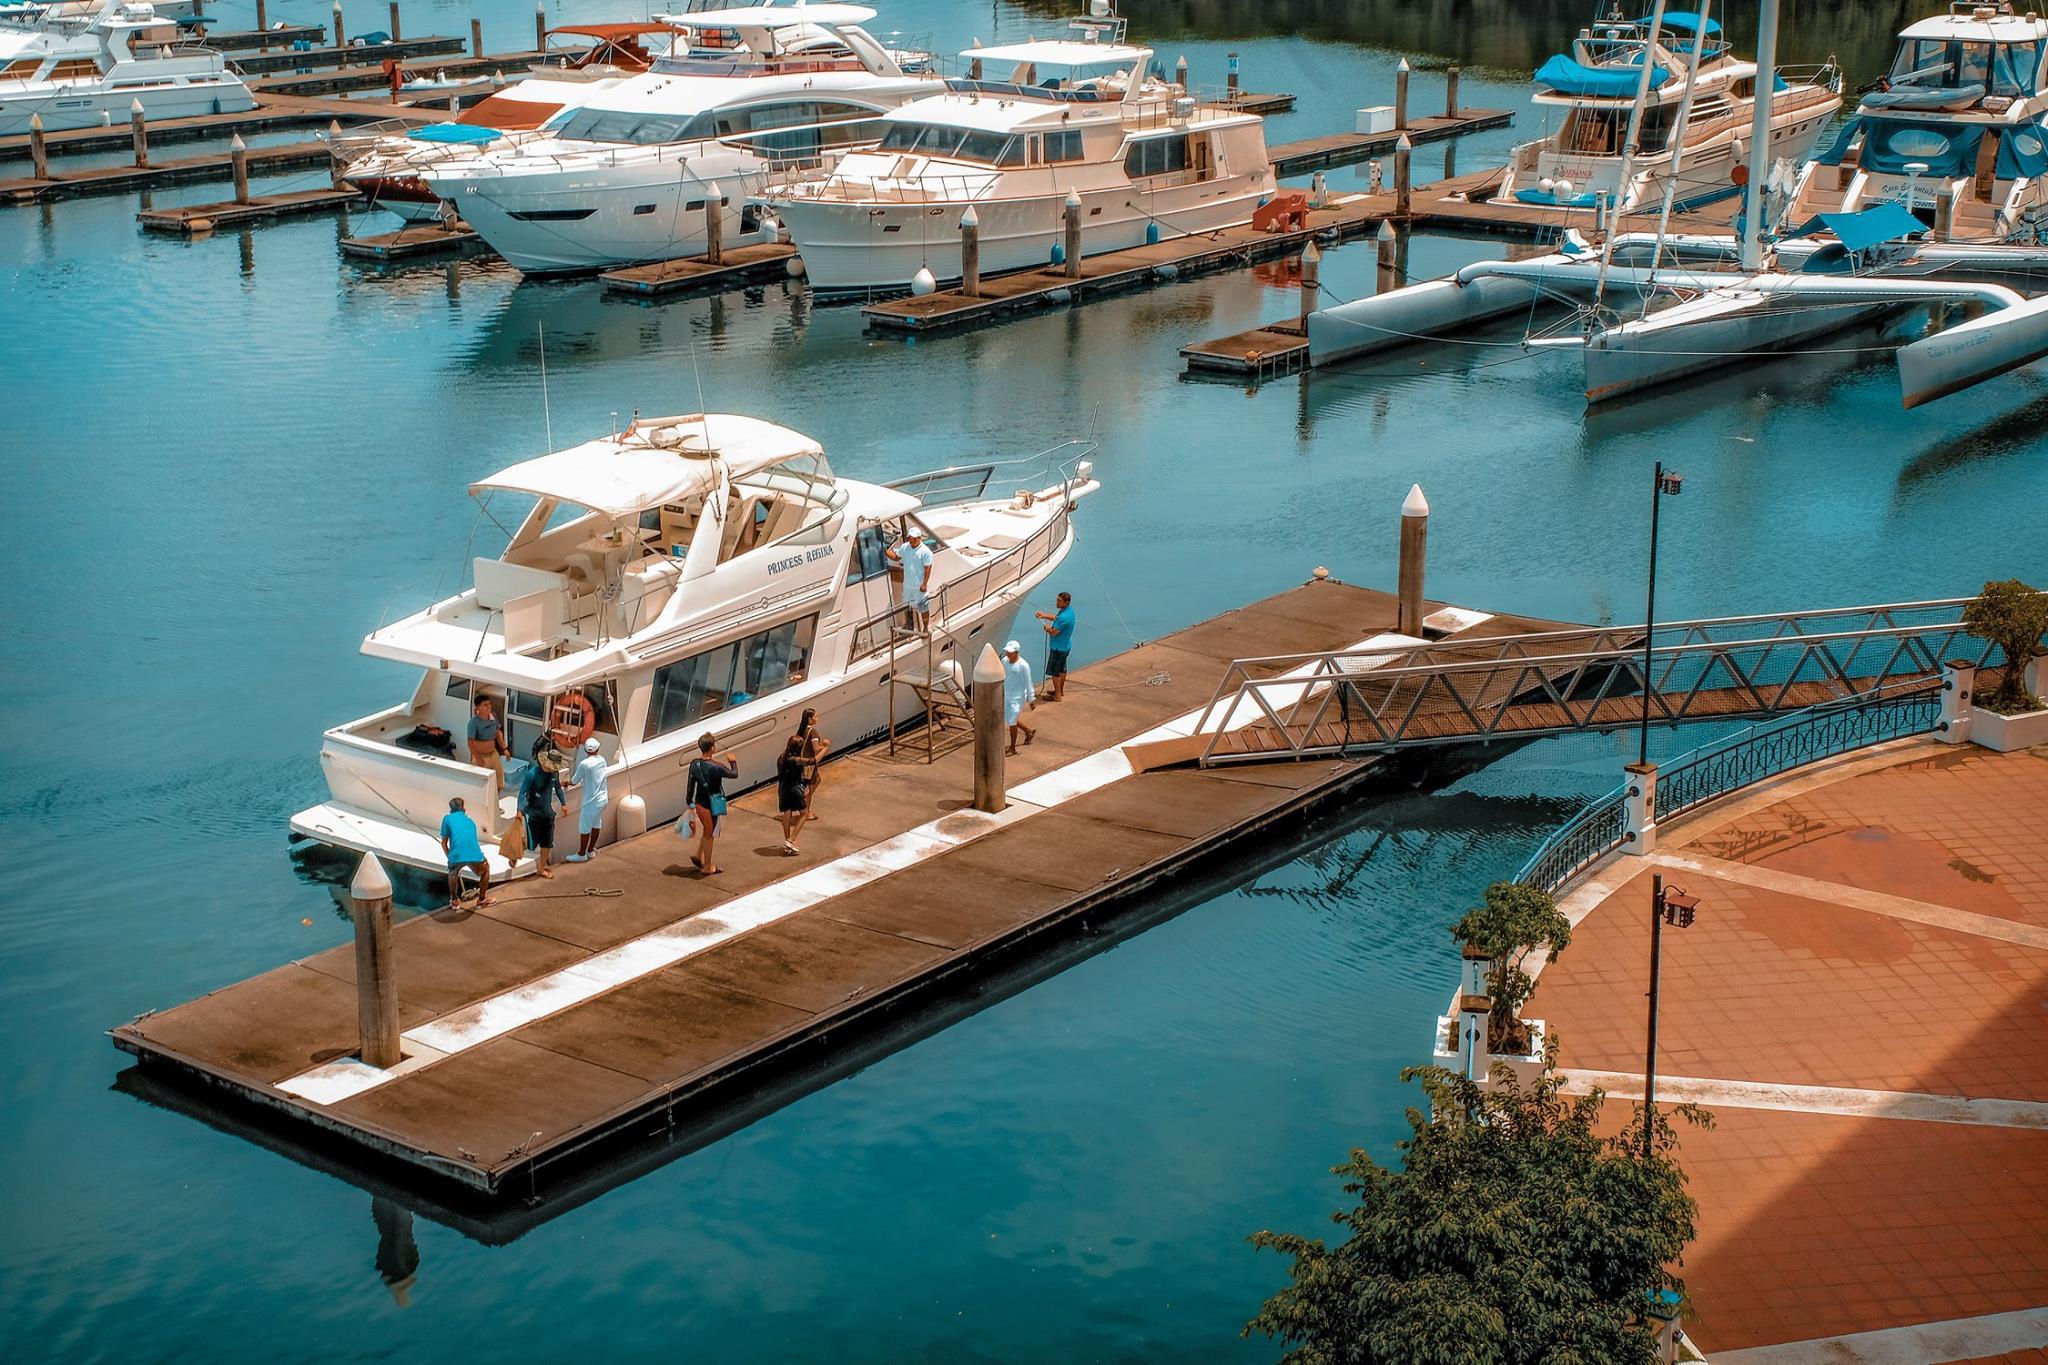 Yacht on a dock